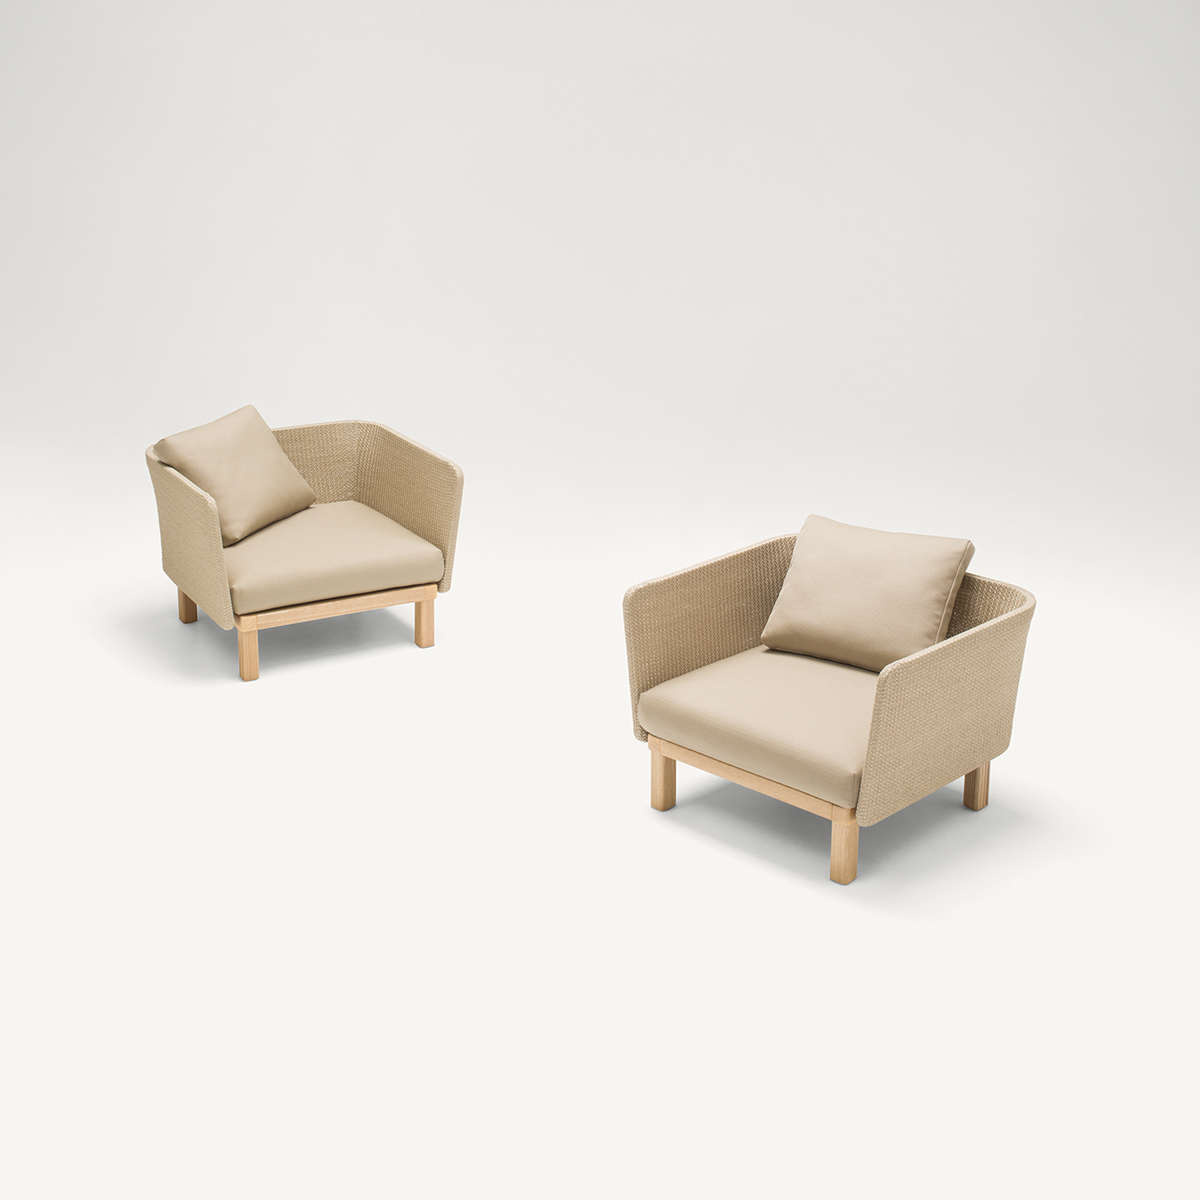 Paola Lenti Sabi Arm Chair Sized Cut Out 2